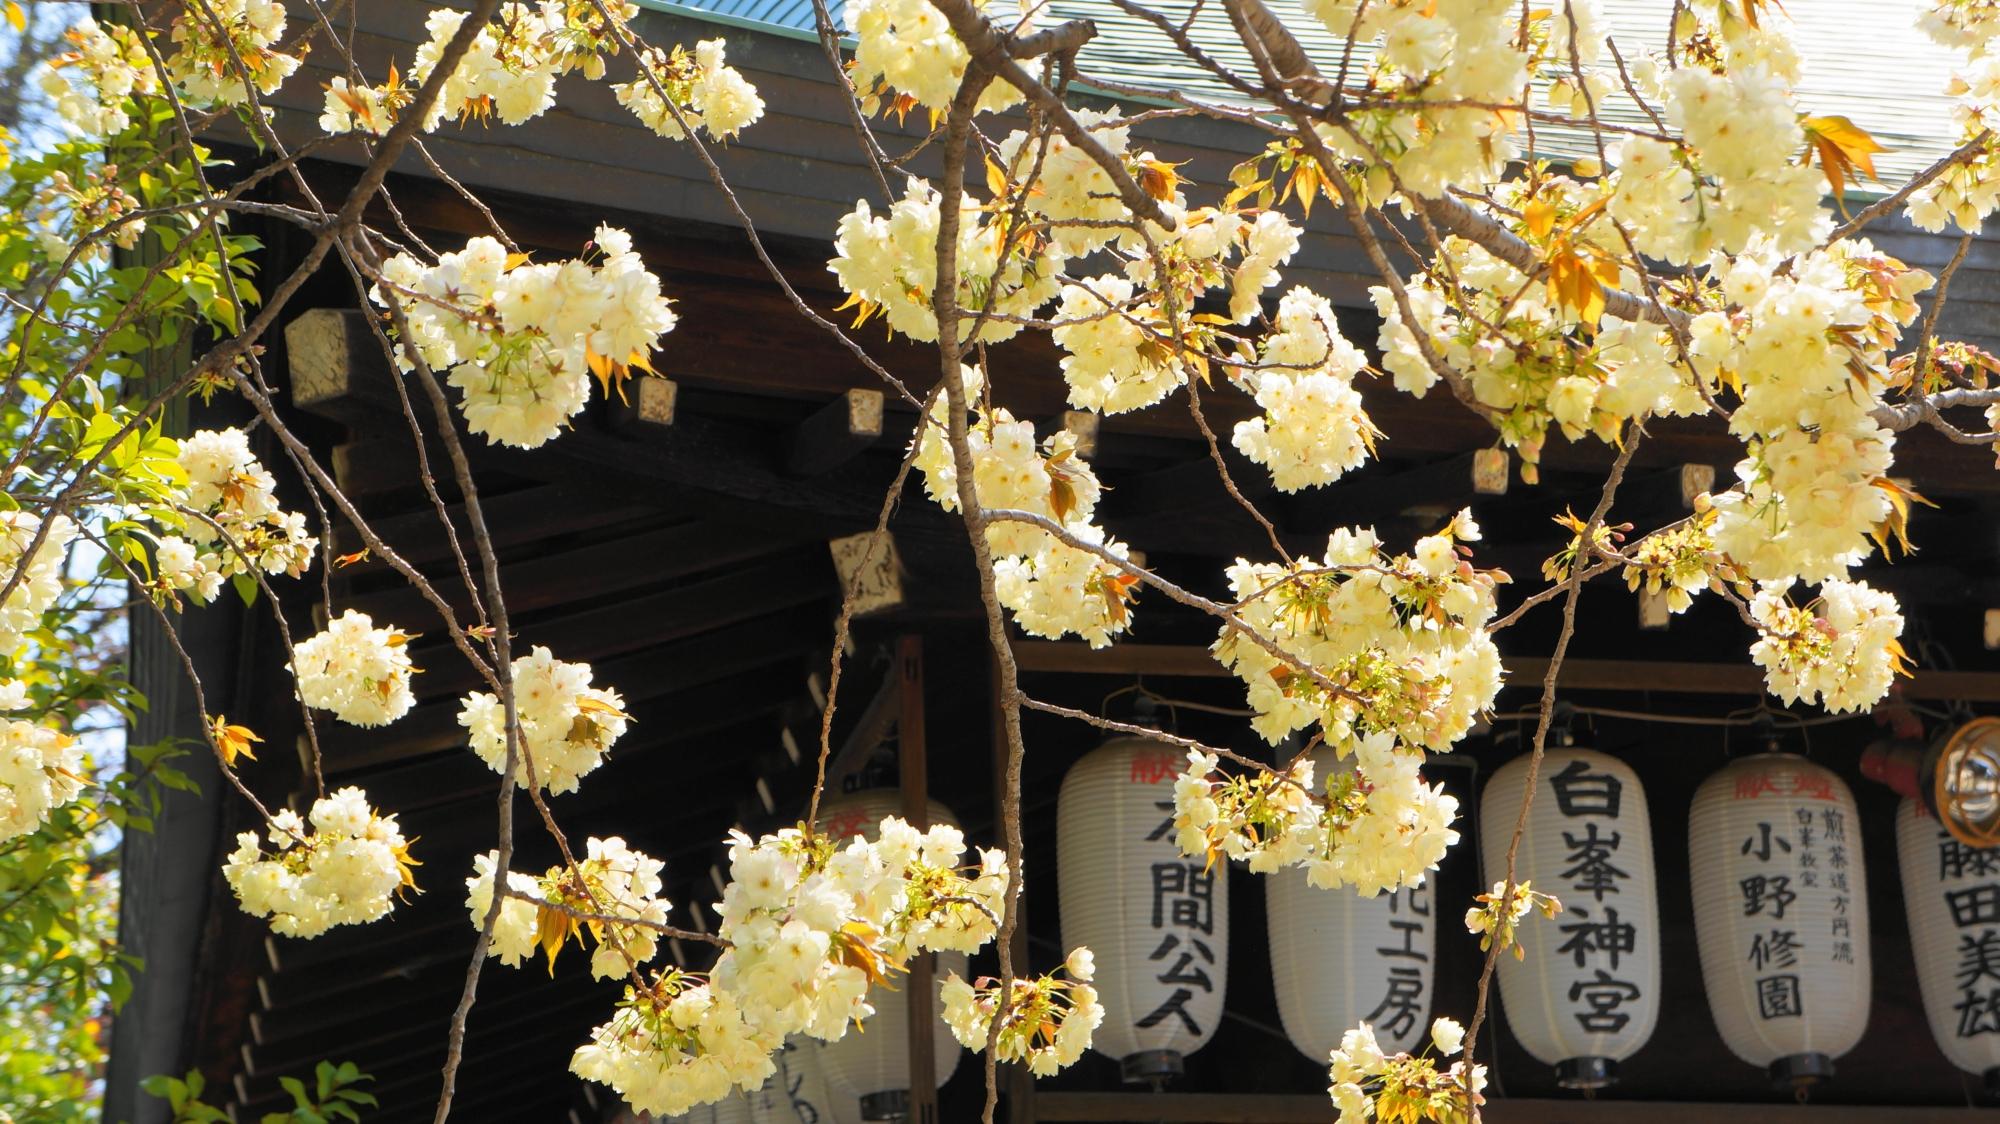 絵になる拝殿の提灯と黄桜